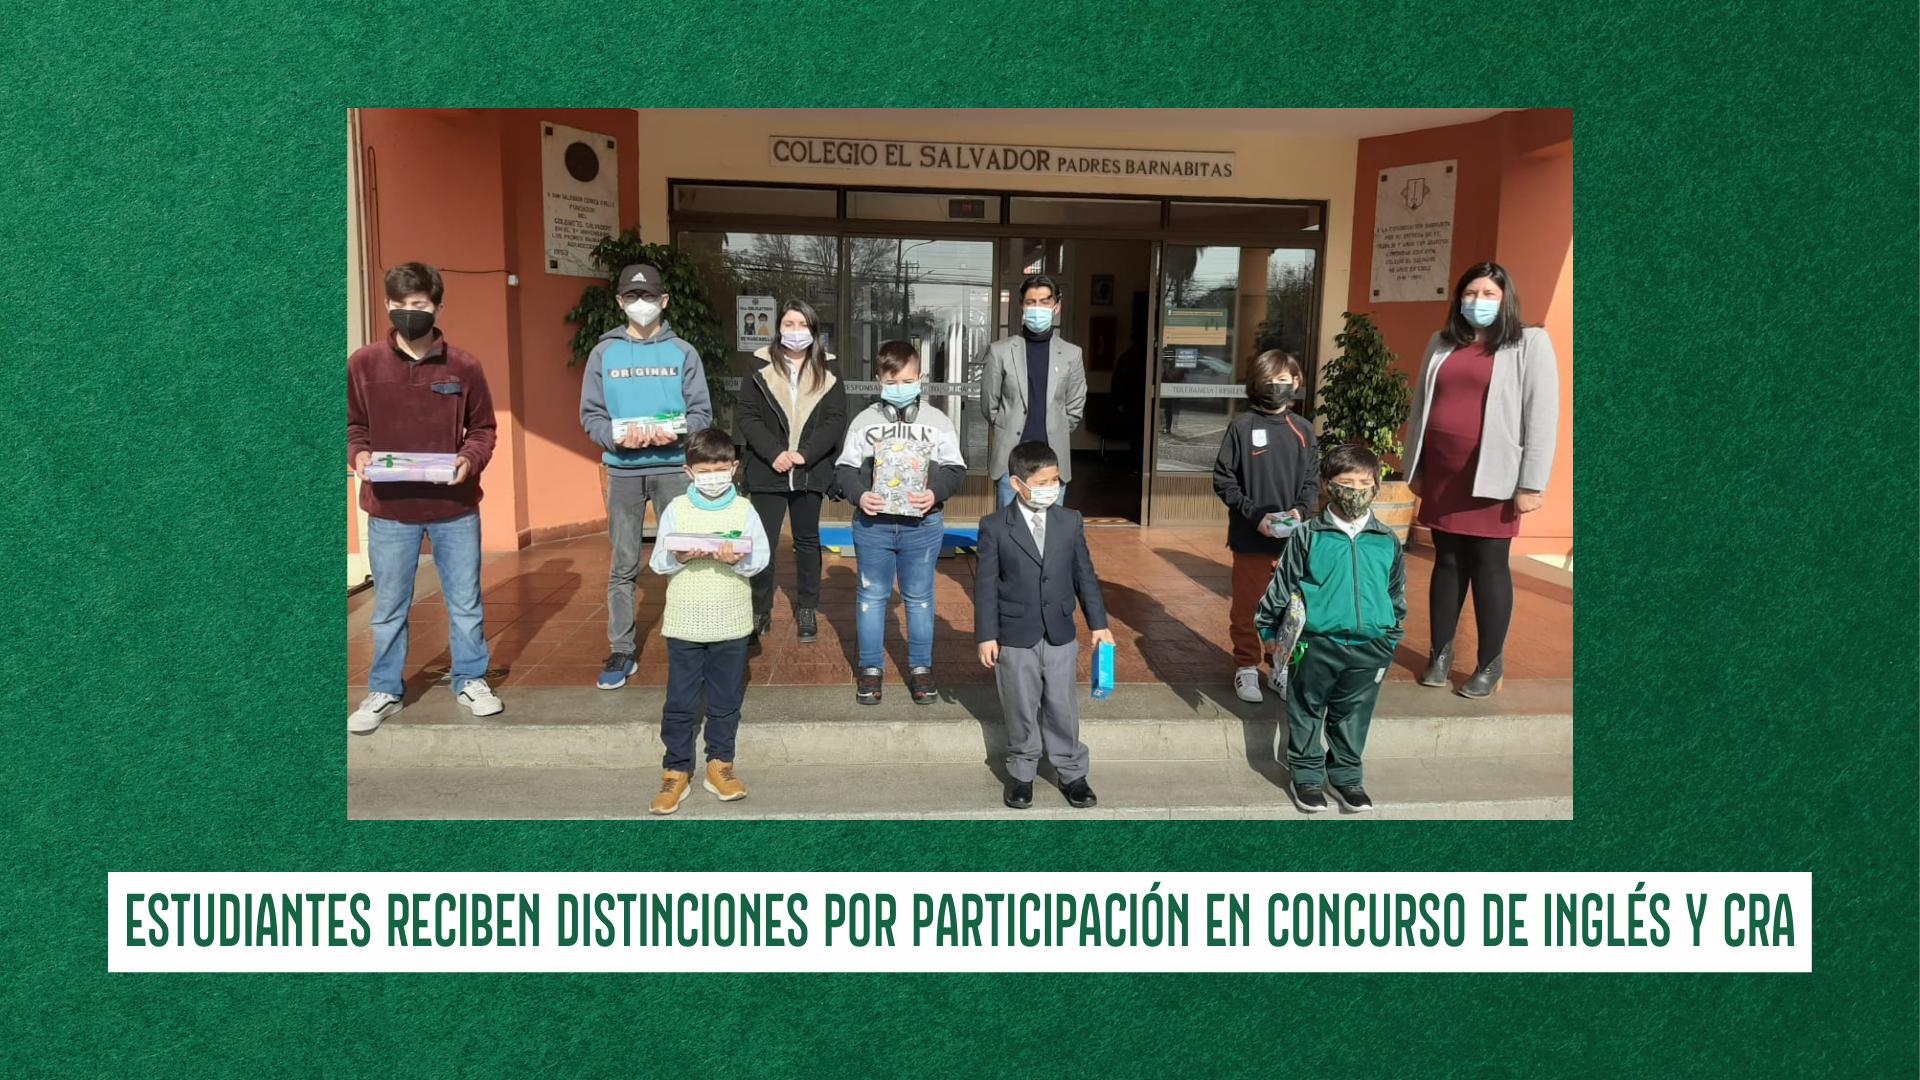 ESTUDIANTES RECIBEN DISTINCIONES POR PARTICIPACIÓN EN CONCURSO DE INGLÉS Y CRA